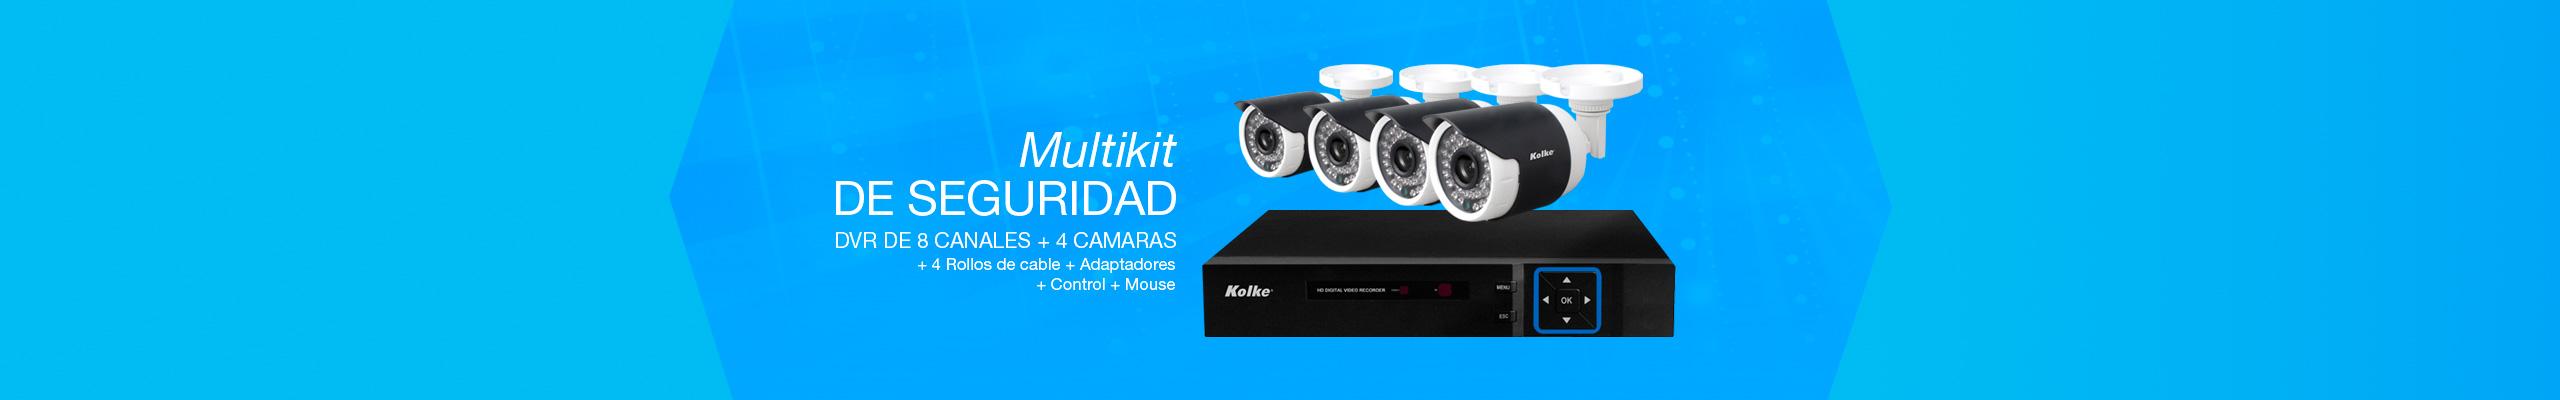 Multikit de Seguridad Kolke DVR 4 cámaras y 8 canales